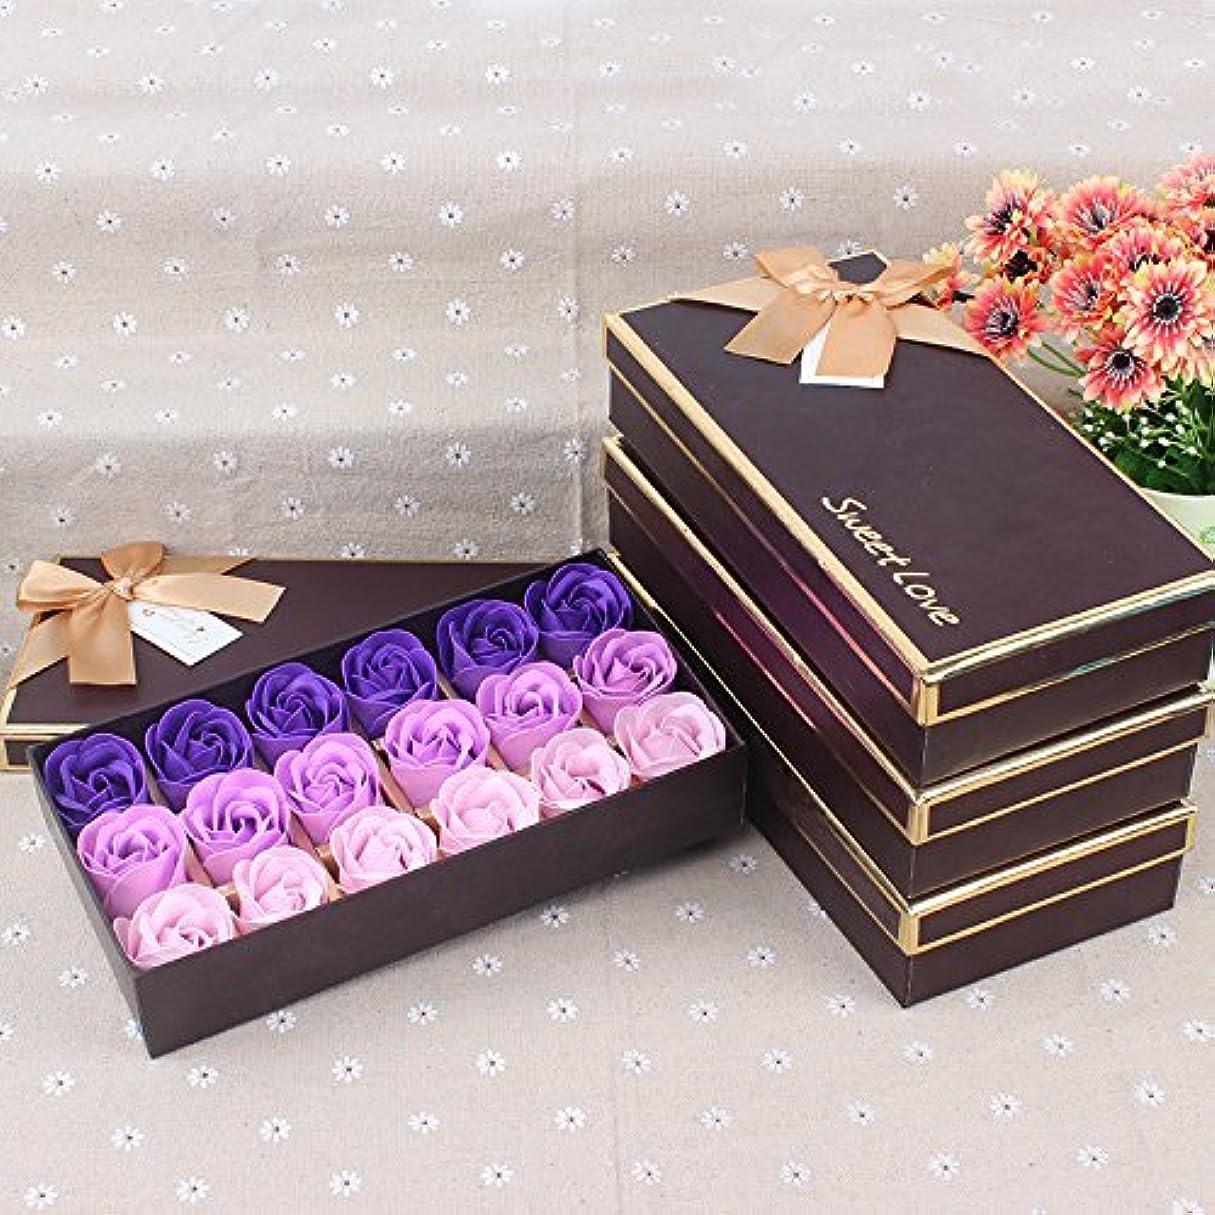 内向きバレーボール変数Weryn(TM)結婚式のためのギフトボックスバレンタインデーの愛の贈り物で18バラセット香りの入浴ソープローズソープ花びら[Purplegradient]